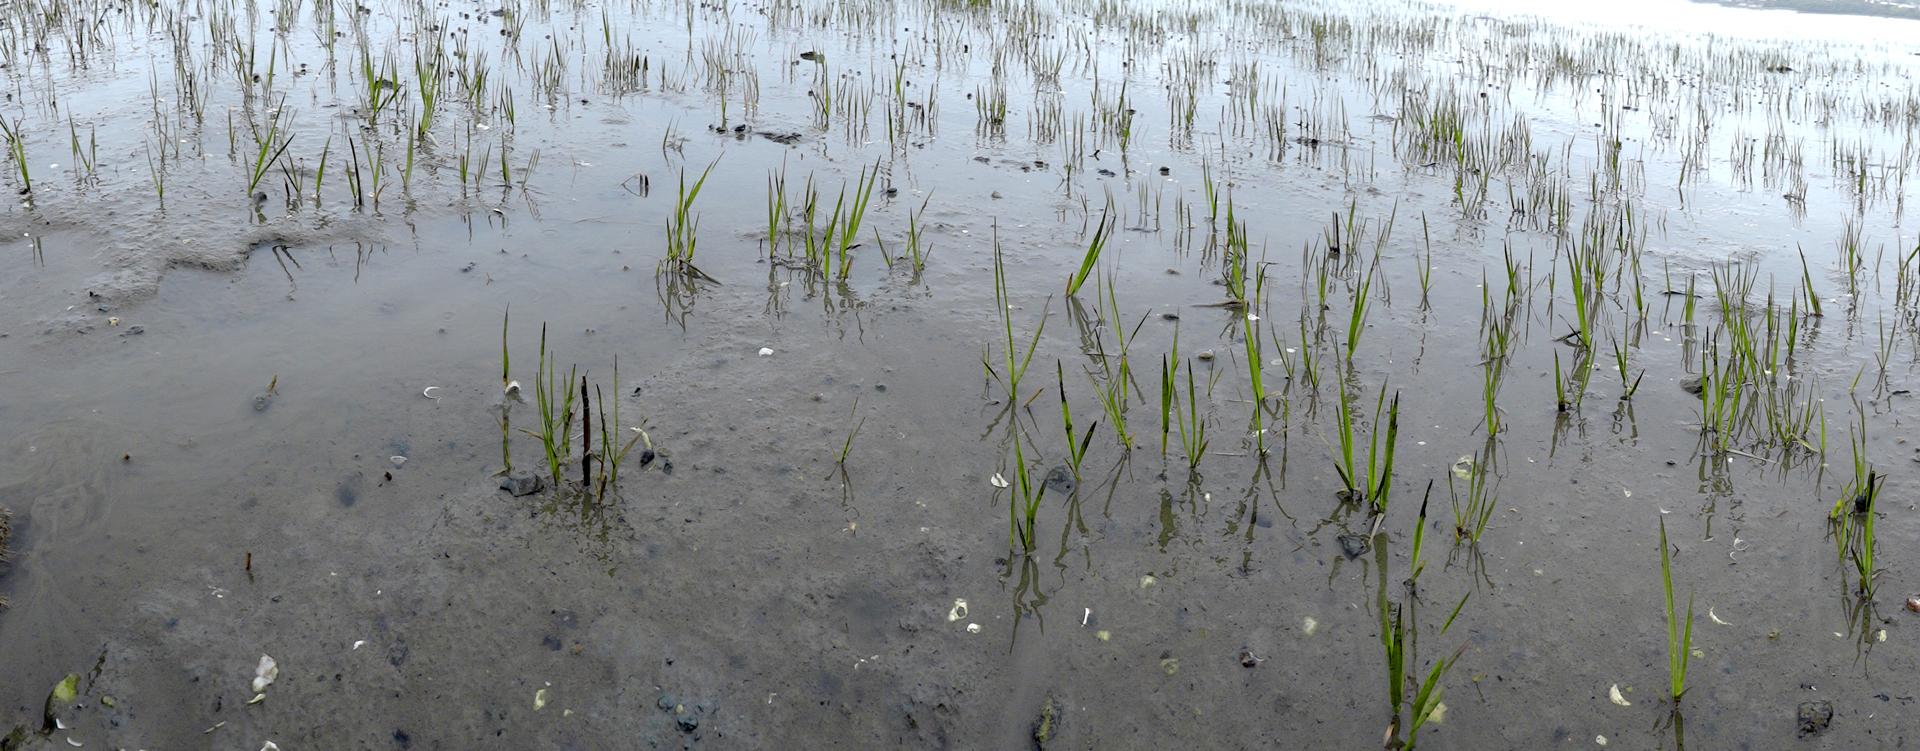 GRLT_hayfields_052113_05834_low tide stubble